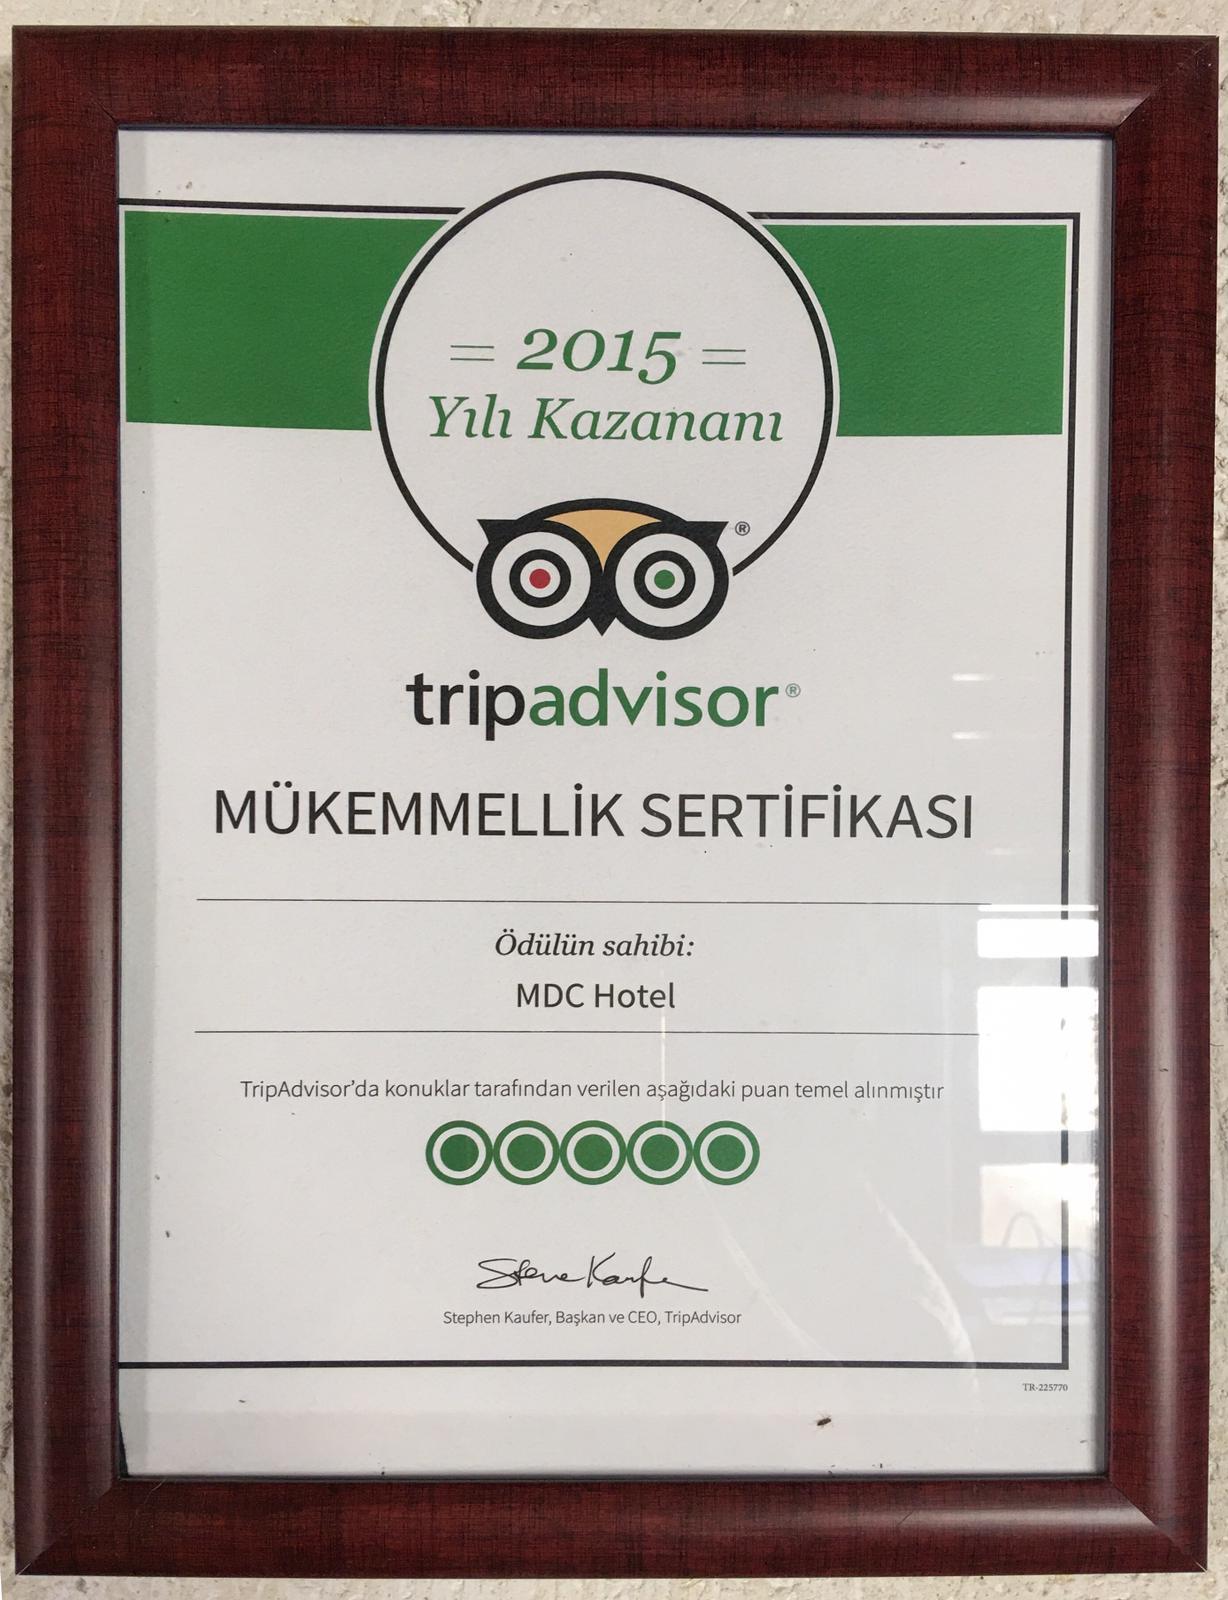 Tripadvisor Mükemmellik Sertifikası 2015